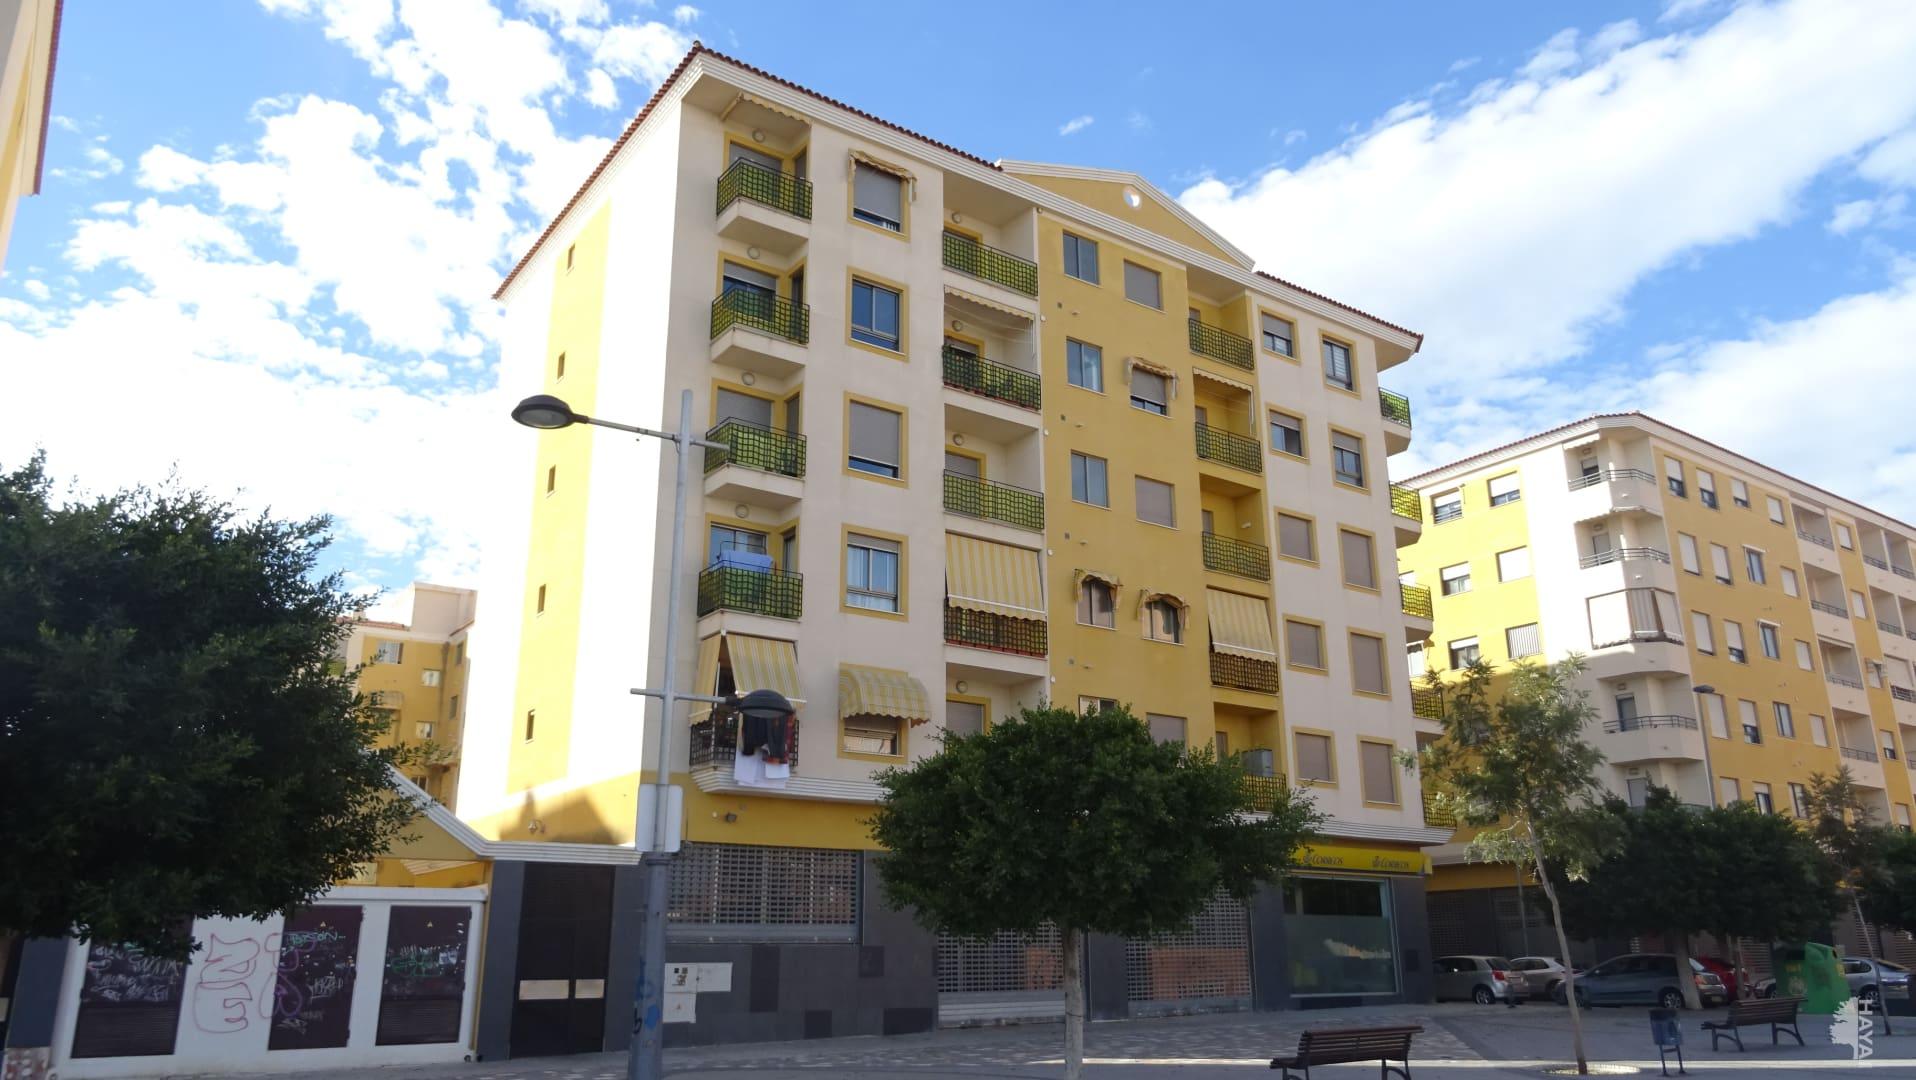 Piso en venta en La Ermita, la Villajoyosa/vila, Alicante, Calle Metge Torregrosa, 131.772 €, 2 habitaciones, 1 baño, 90 m2